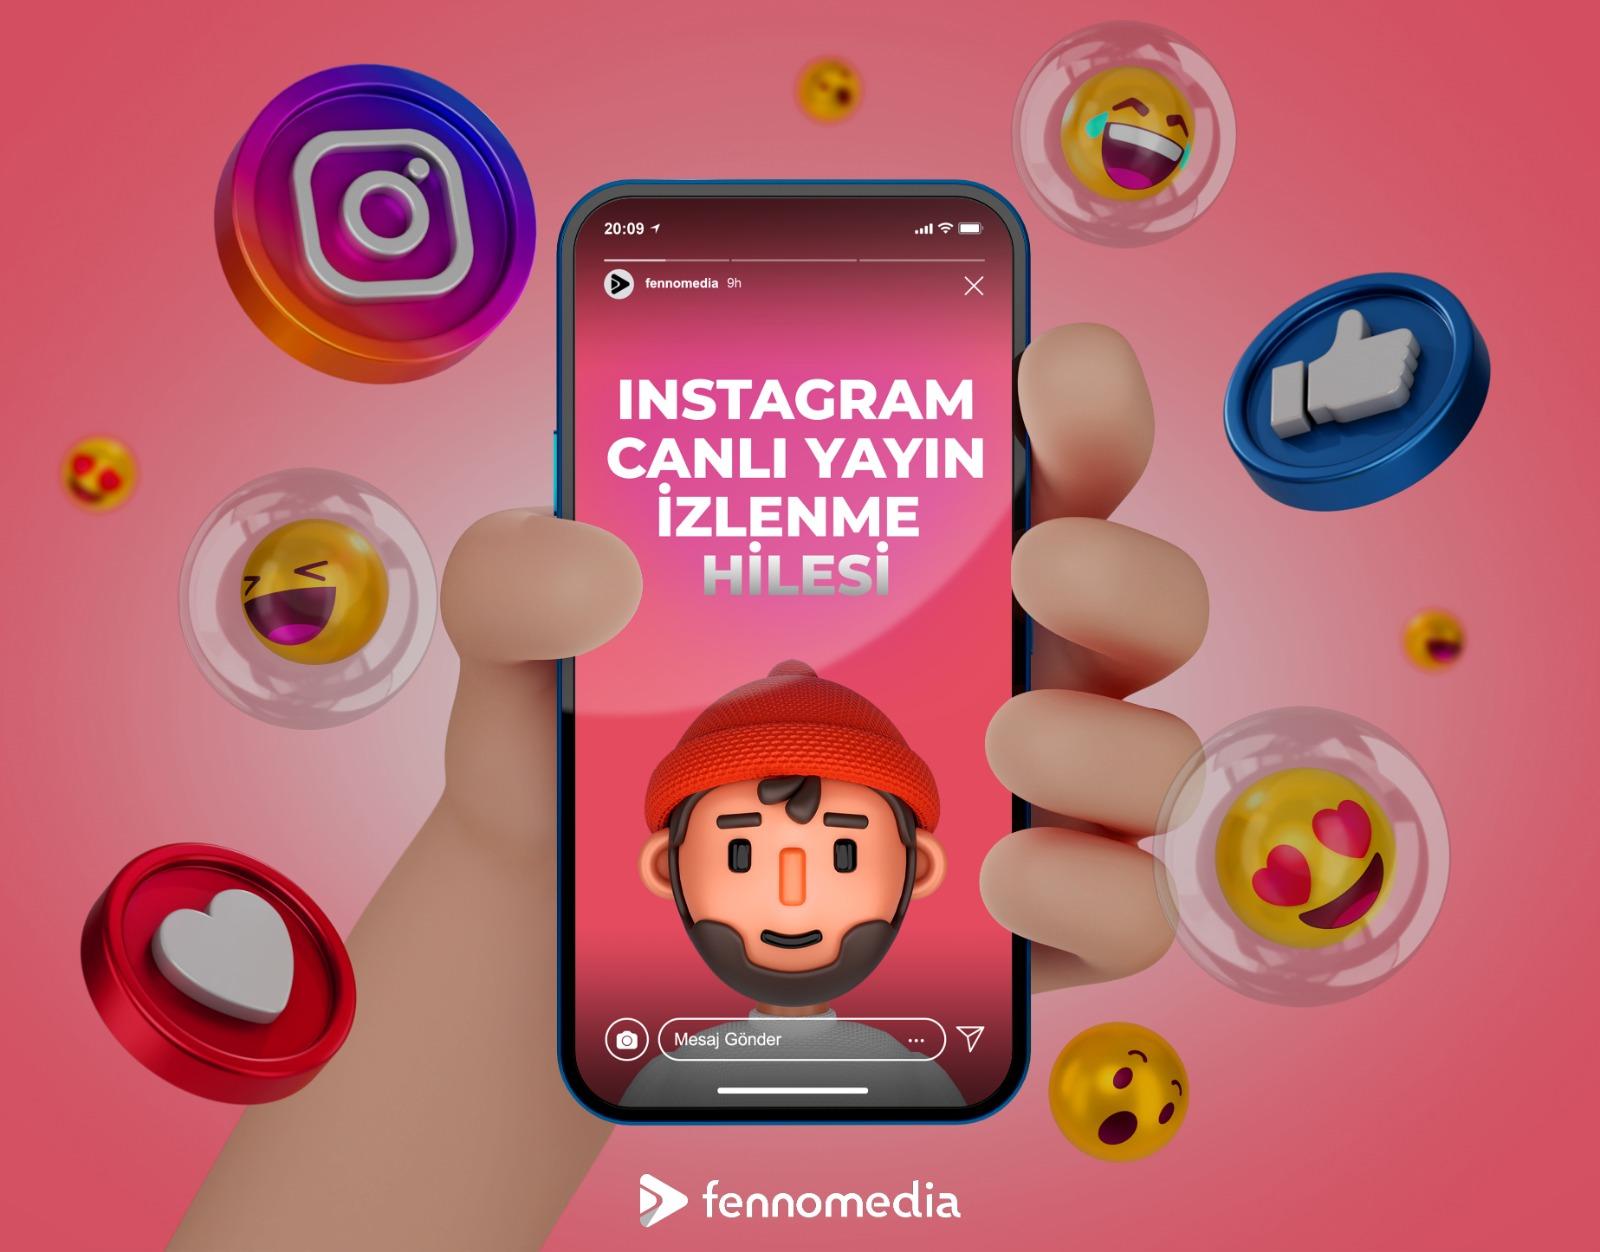 Instagram canlı yayın izlenme hilesi